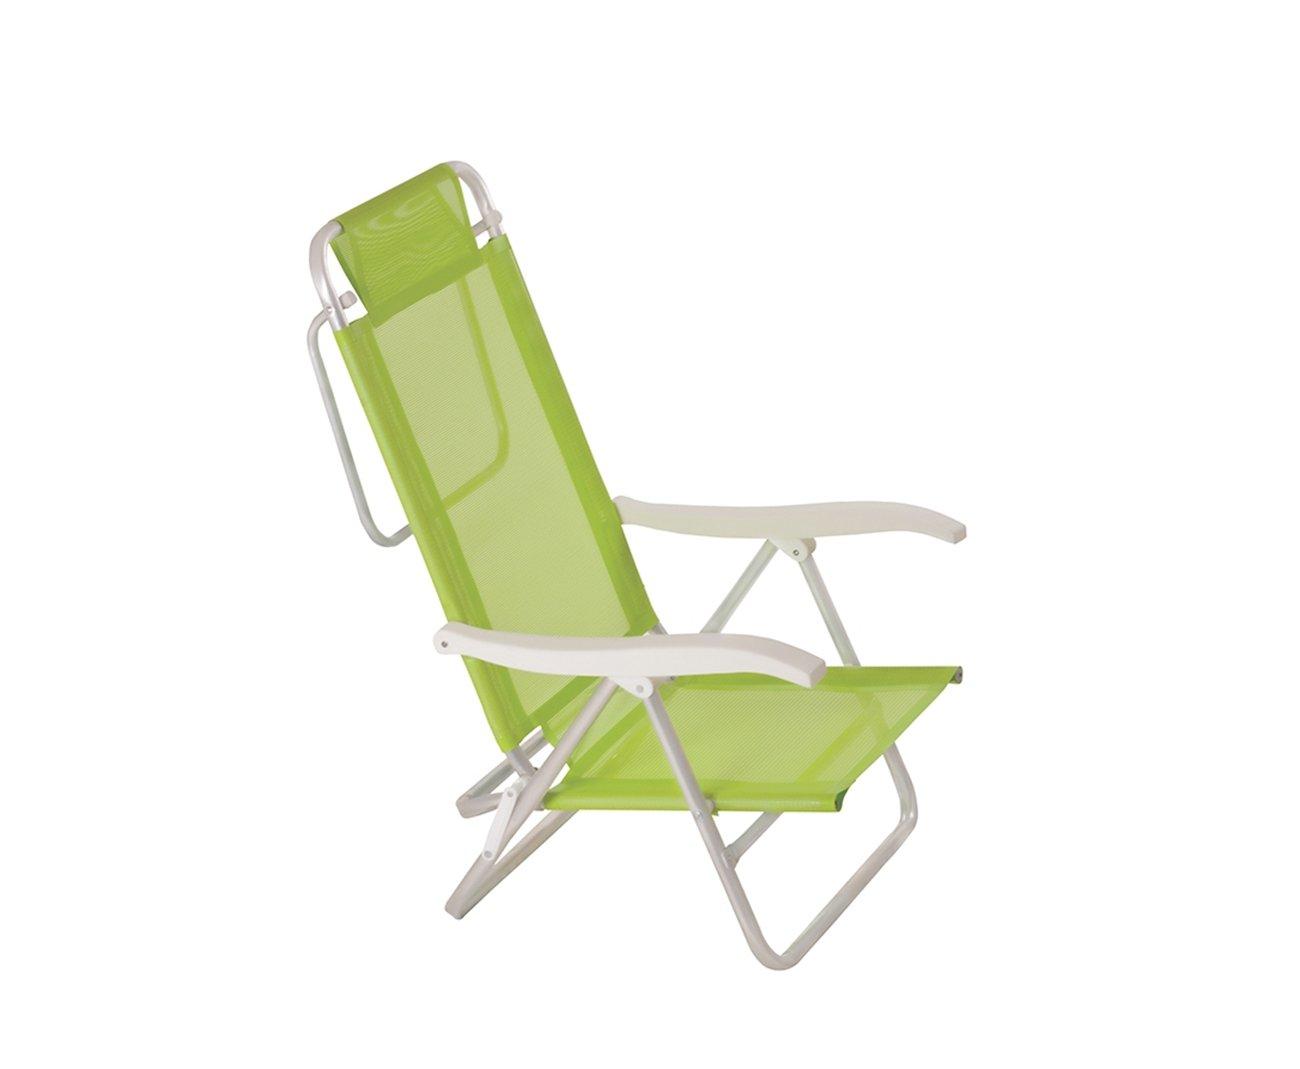 Cadeira Reclinavel De Praia Aluminio Mor Fashion - Verde